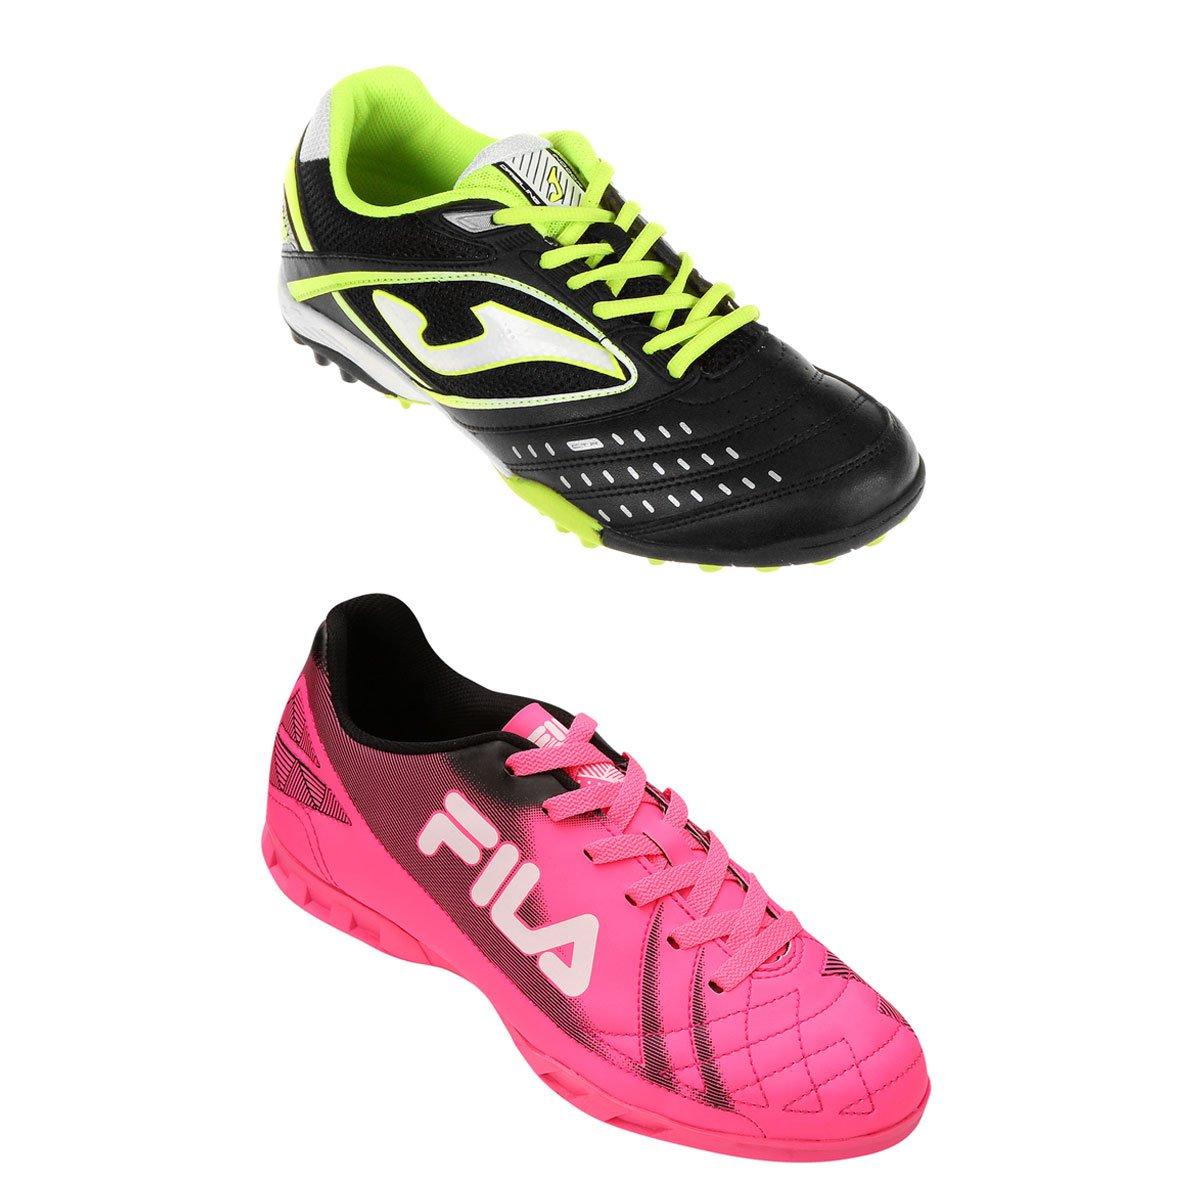 a1b6703522 Chuteira Joma Dribling Society + Chuteira Fila Classic Futsal - Compre  Agora